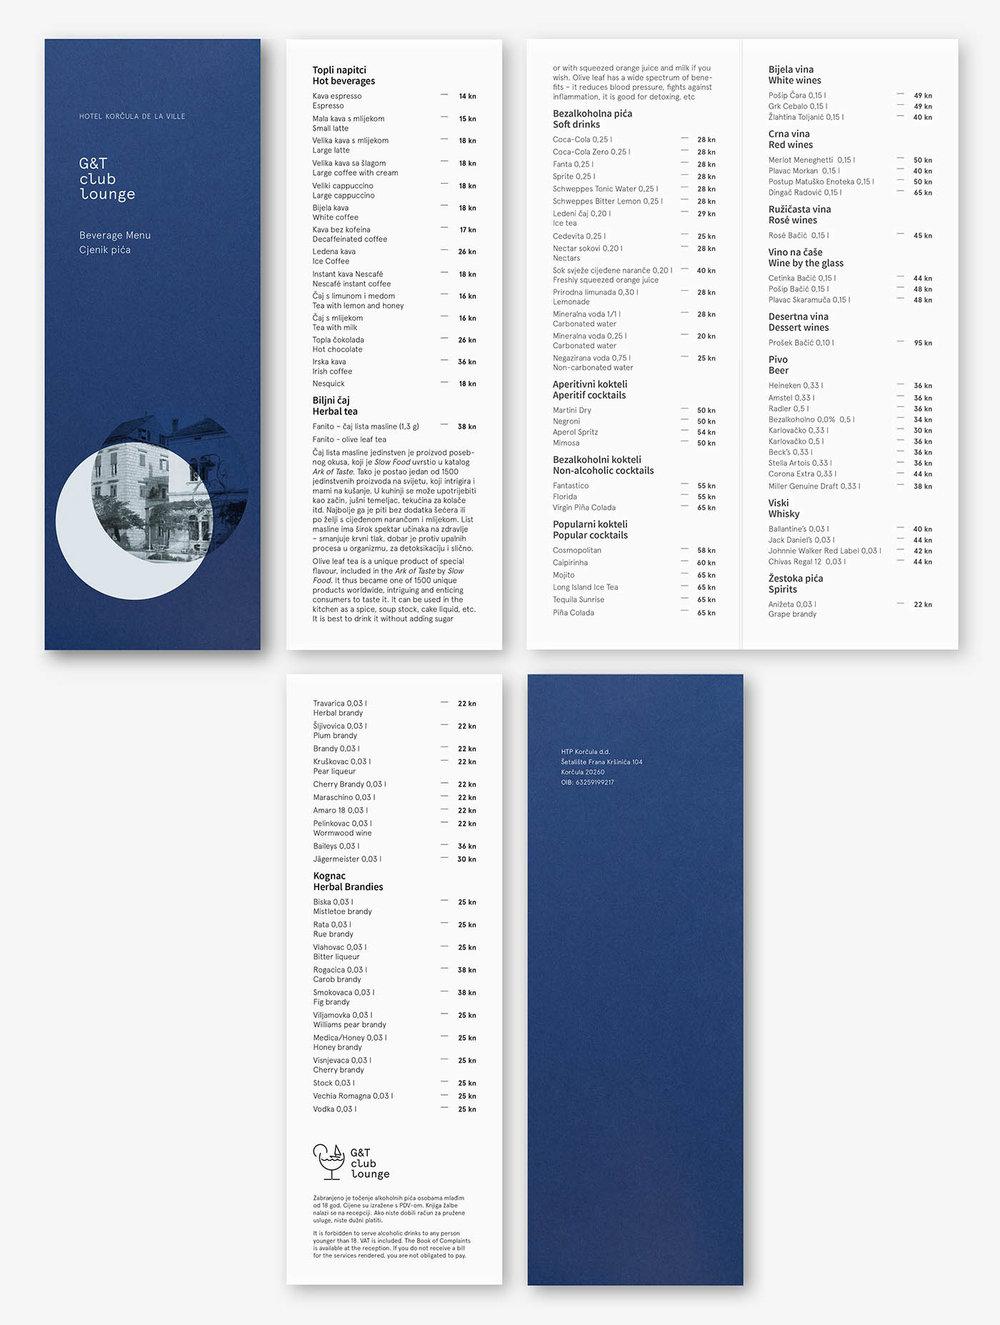 meni_fronte_inside_beverage_menu.jpg